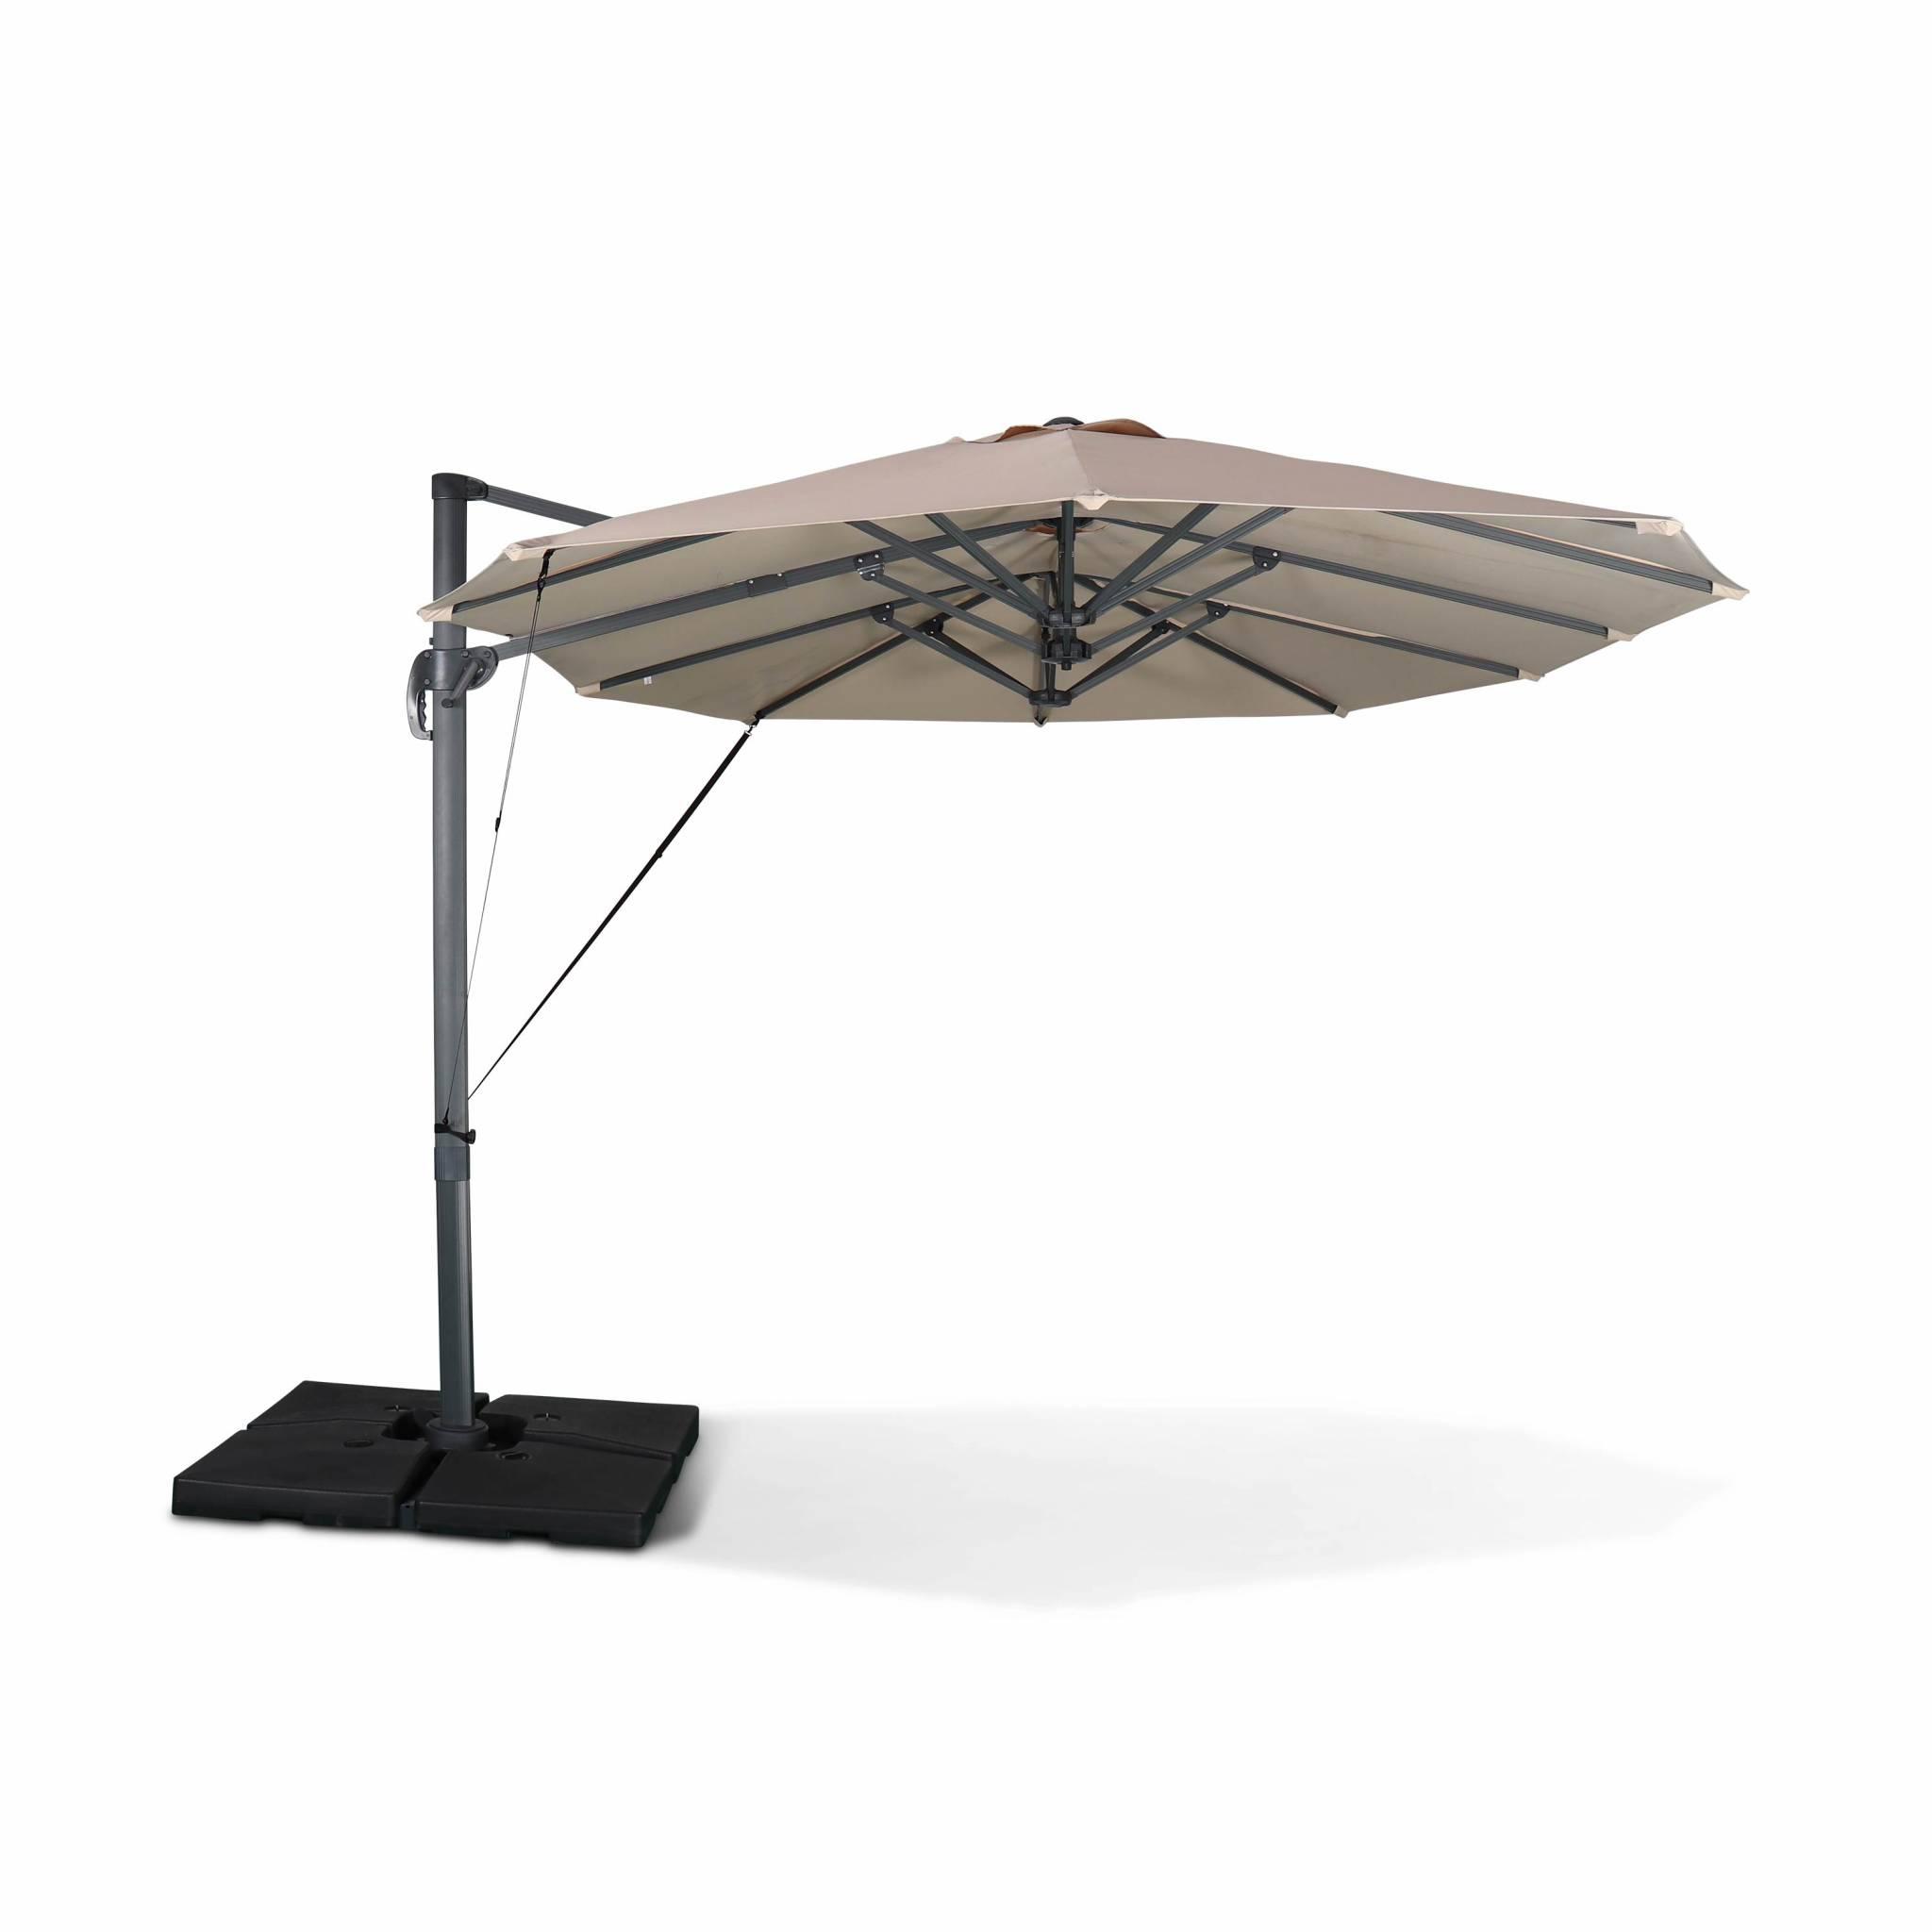 Parasol déporté ovale double 2x4m – beige – parasol à mât